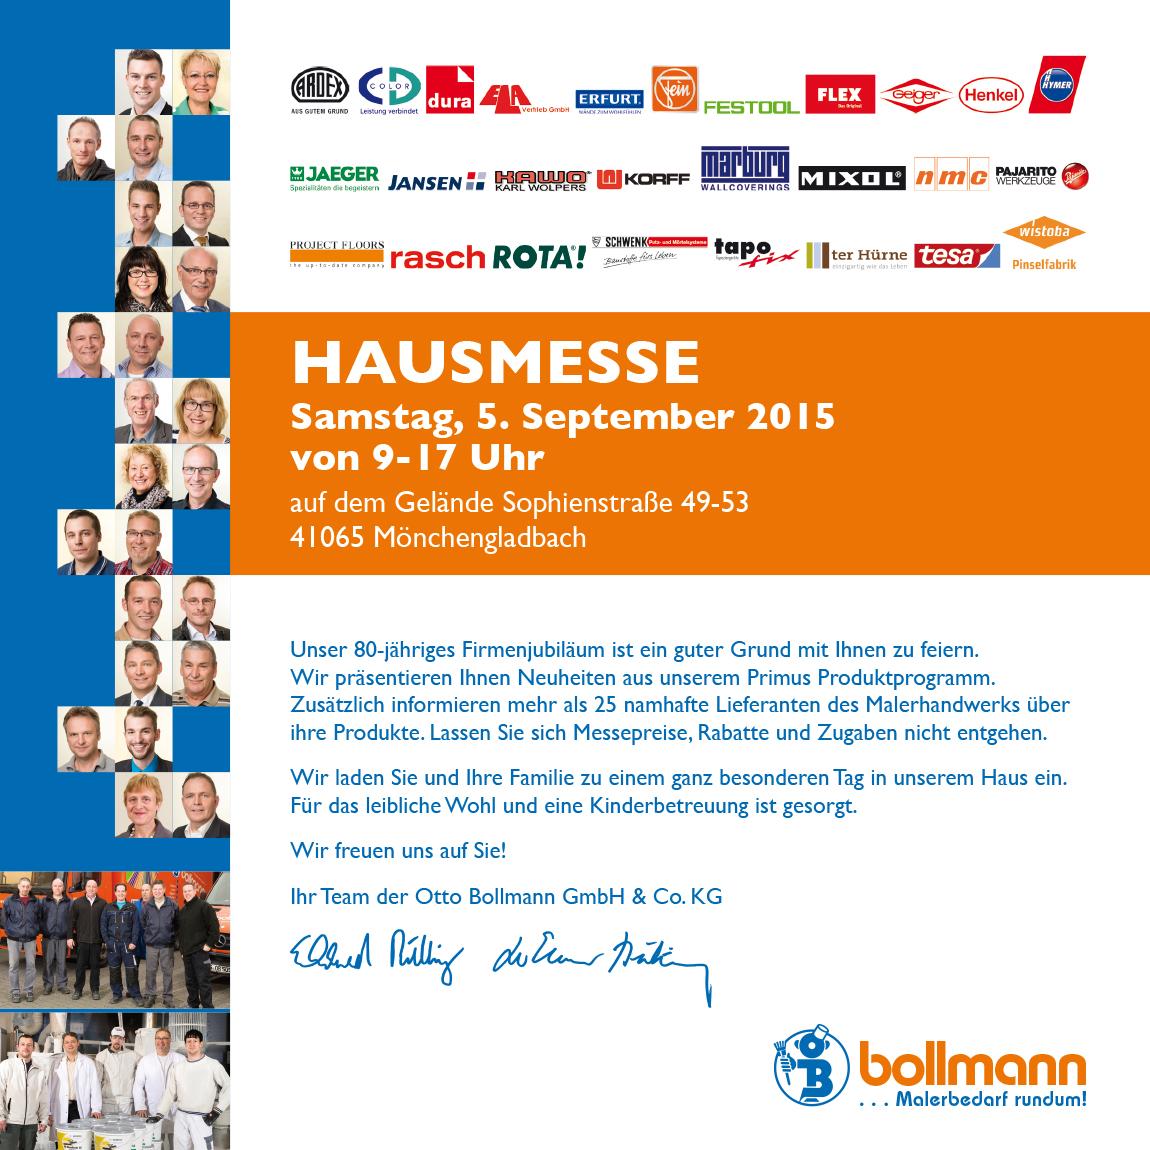 Hausmesse 2015 Einladung